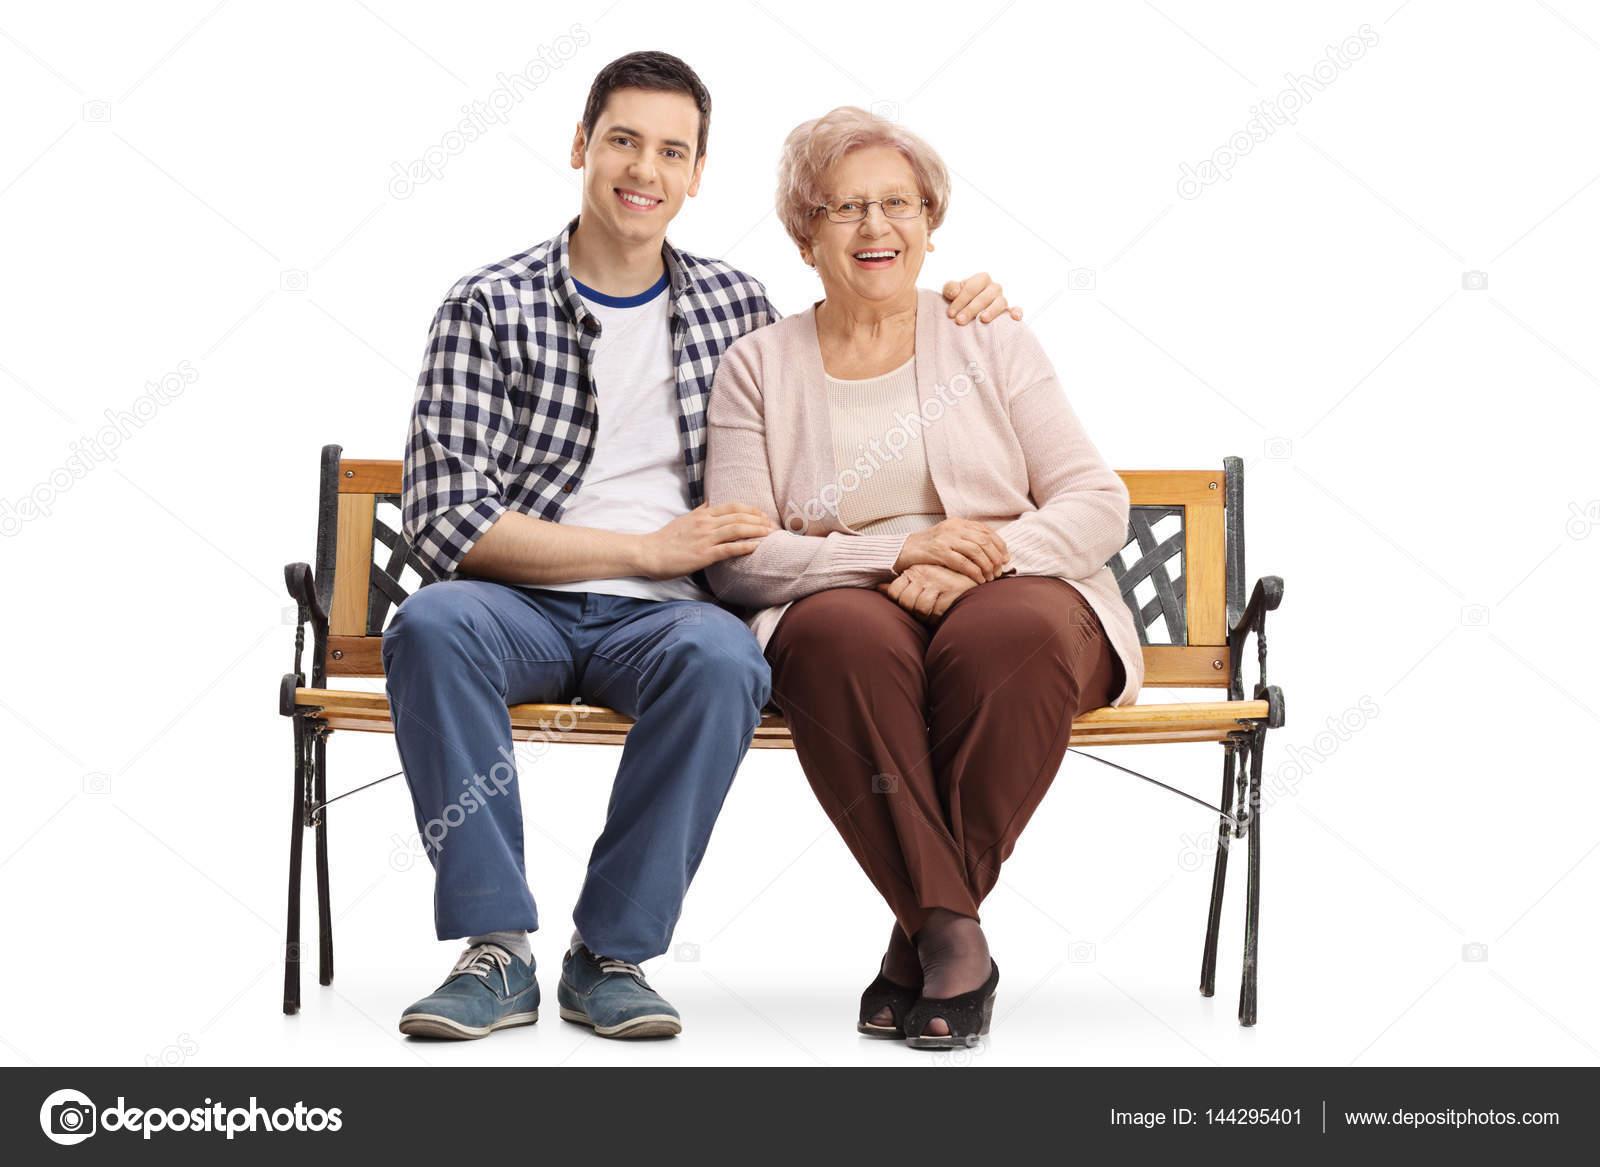 Порно красивая фото пожилая сидит на молодой видео цыганкой смотреть